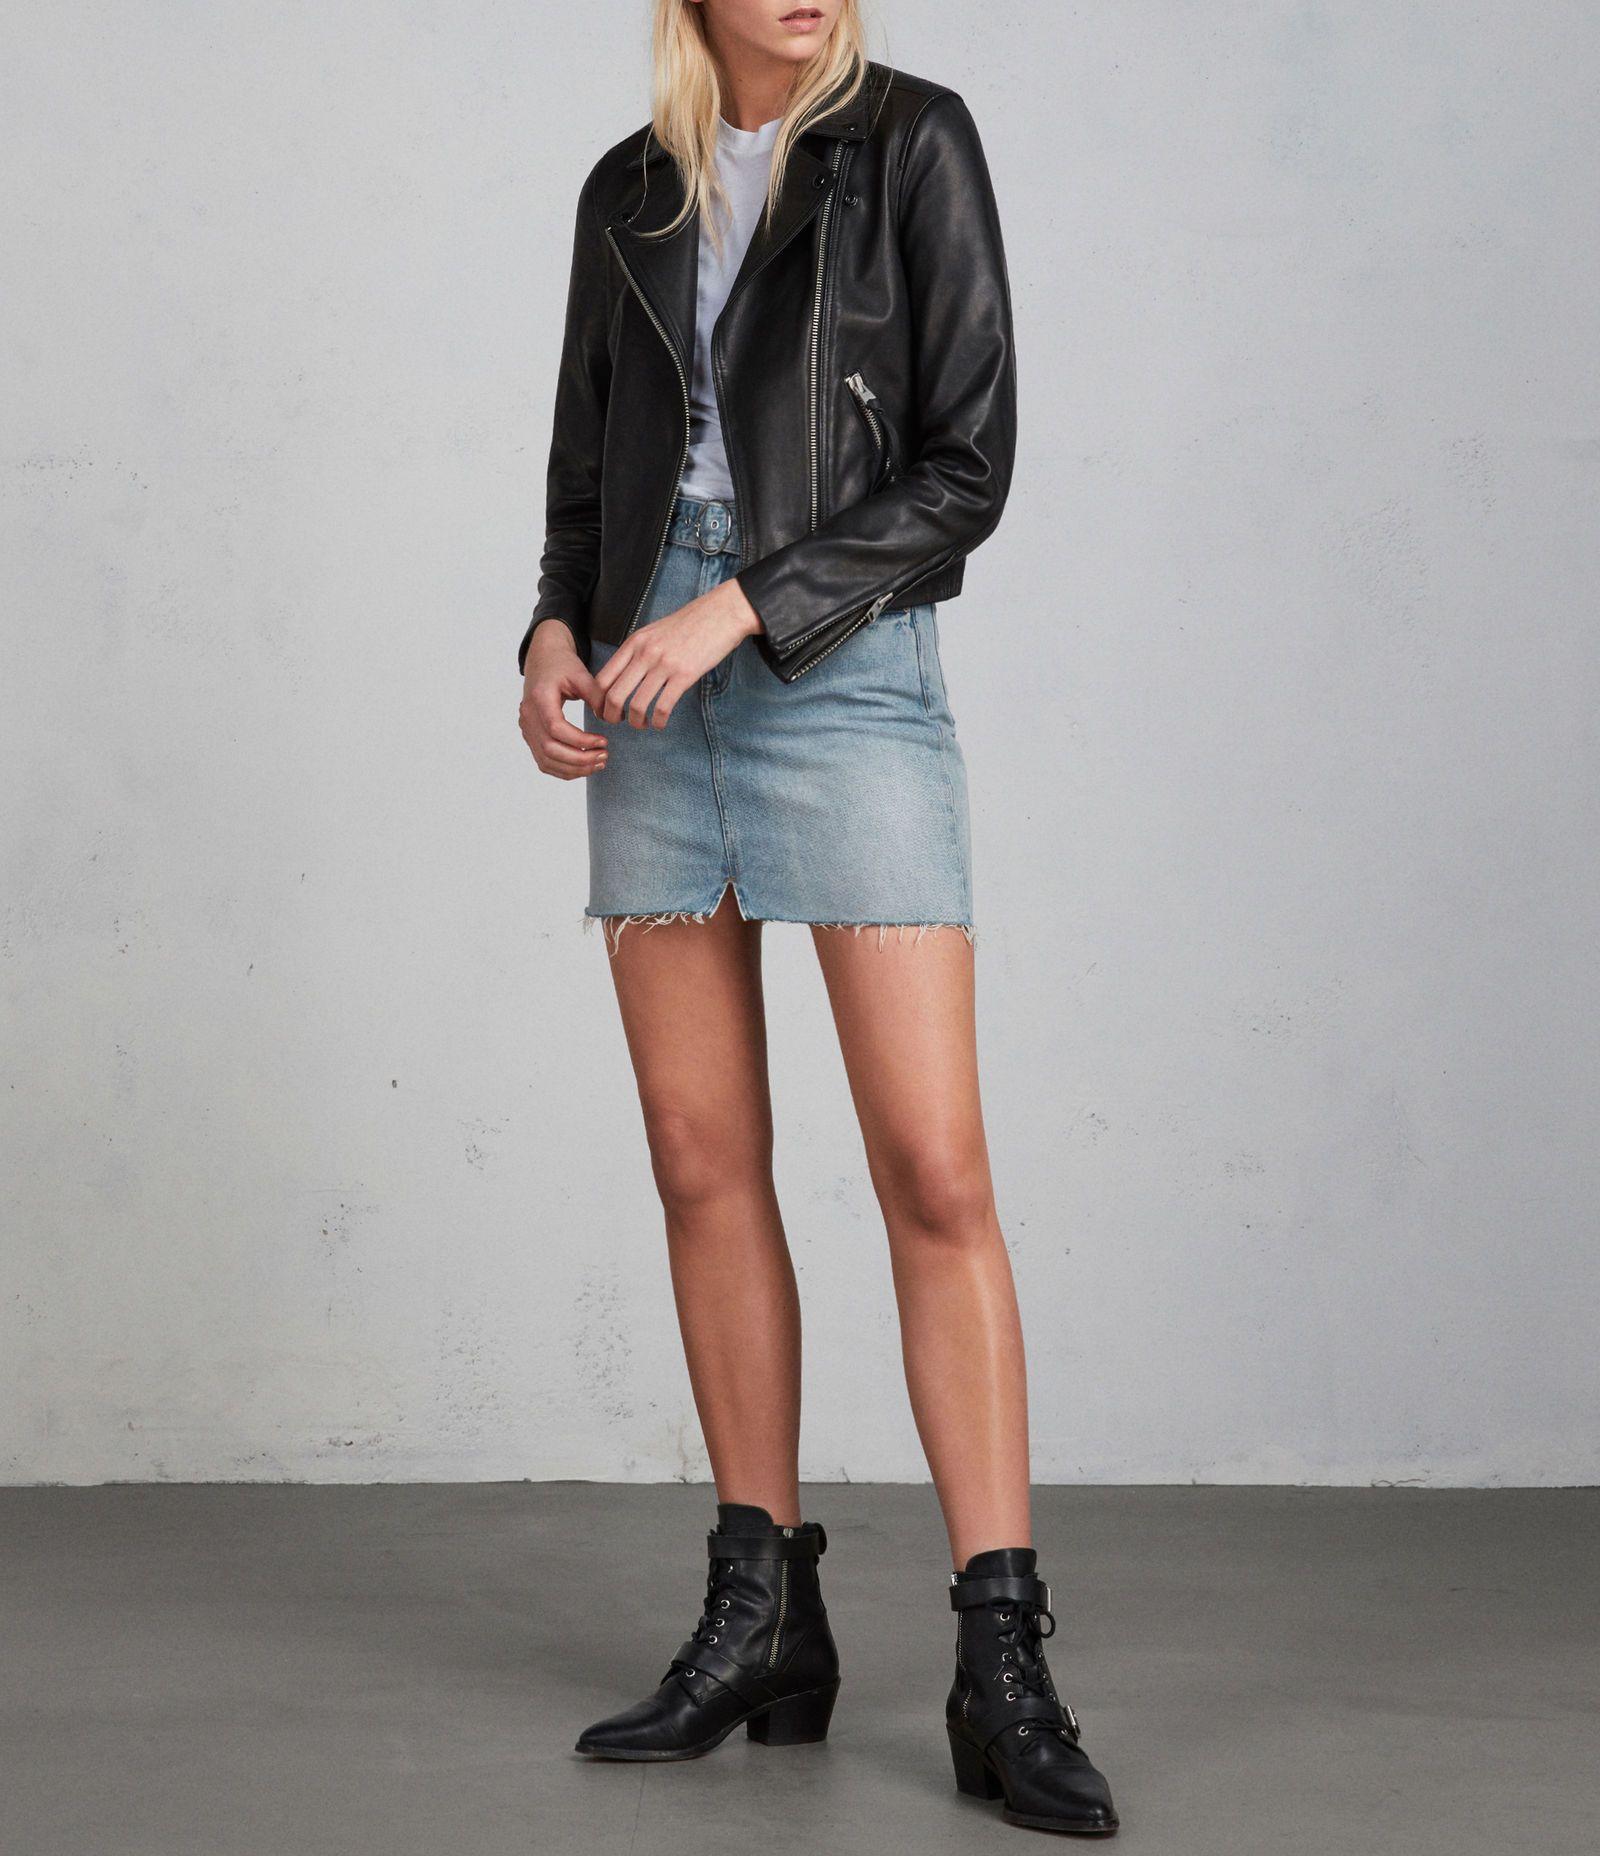 38d88cab687e73 AllSaints Dalby Leather Biker Jacket | 2018 4 | Jackets, Leather, Biker